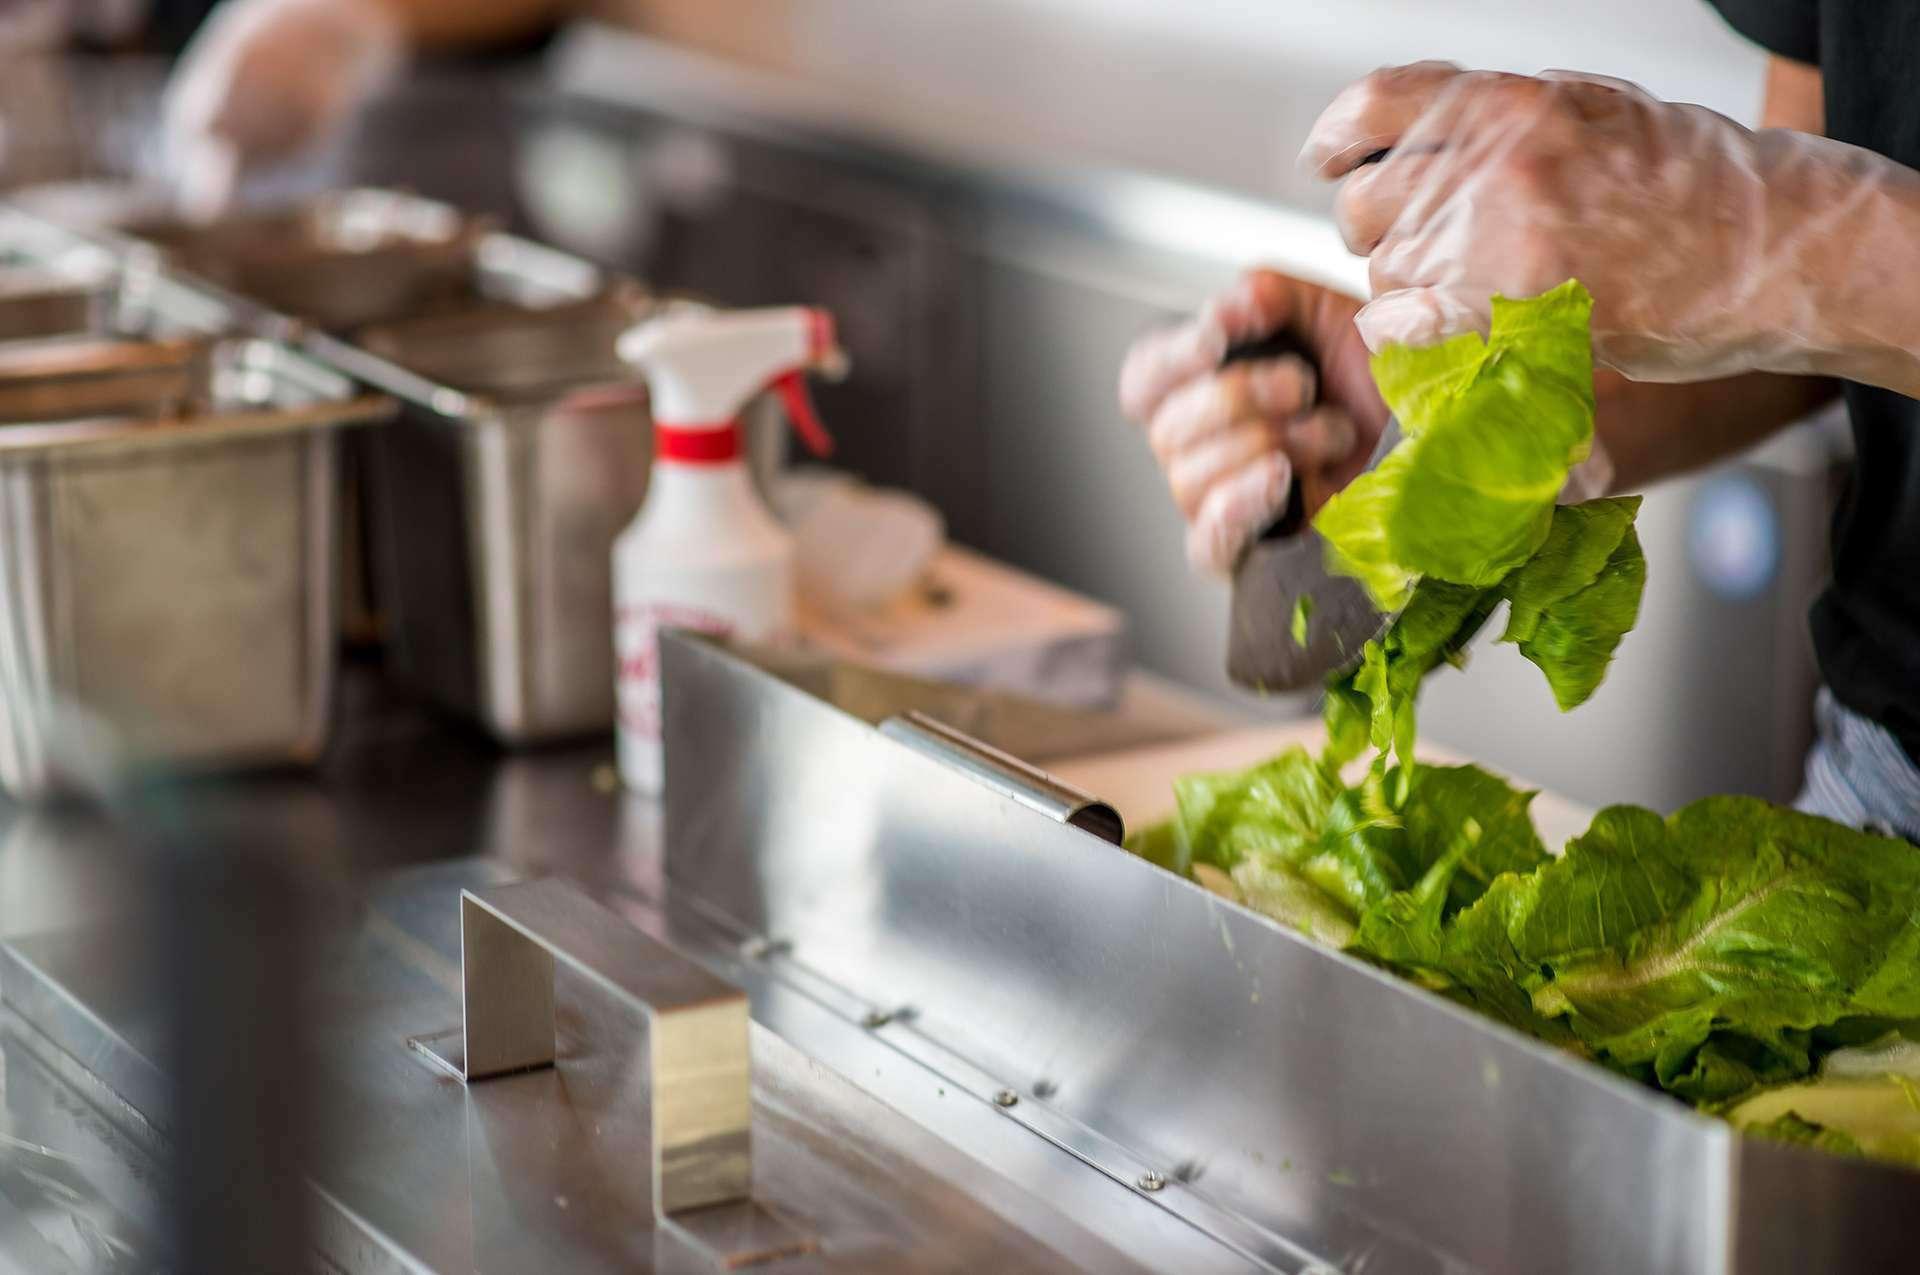 NYCは新鮮な野菜とバリエーション豊かな食材を使用した 美味しく満足できるチョップドサラダをご提供する専門店です。